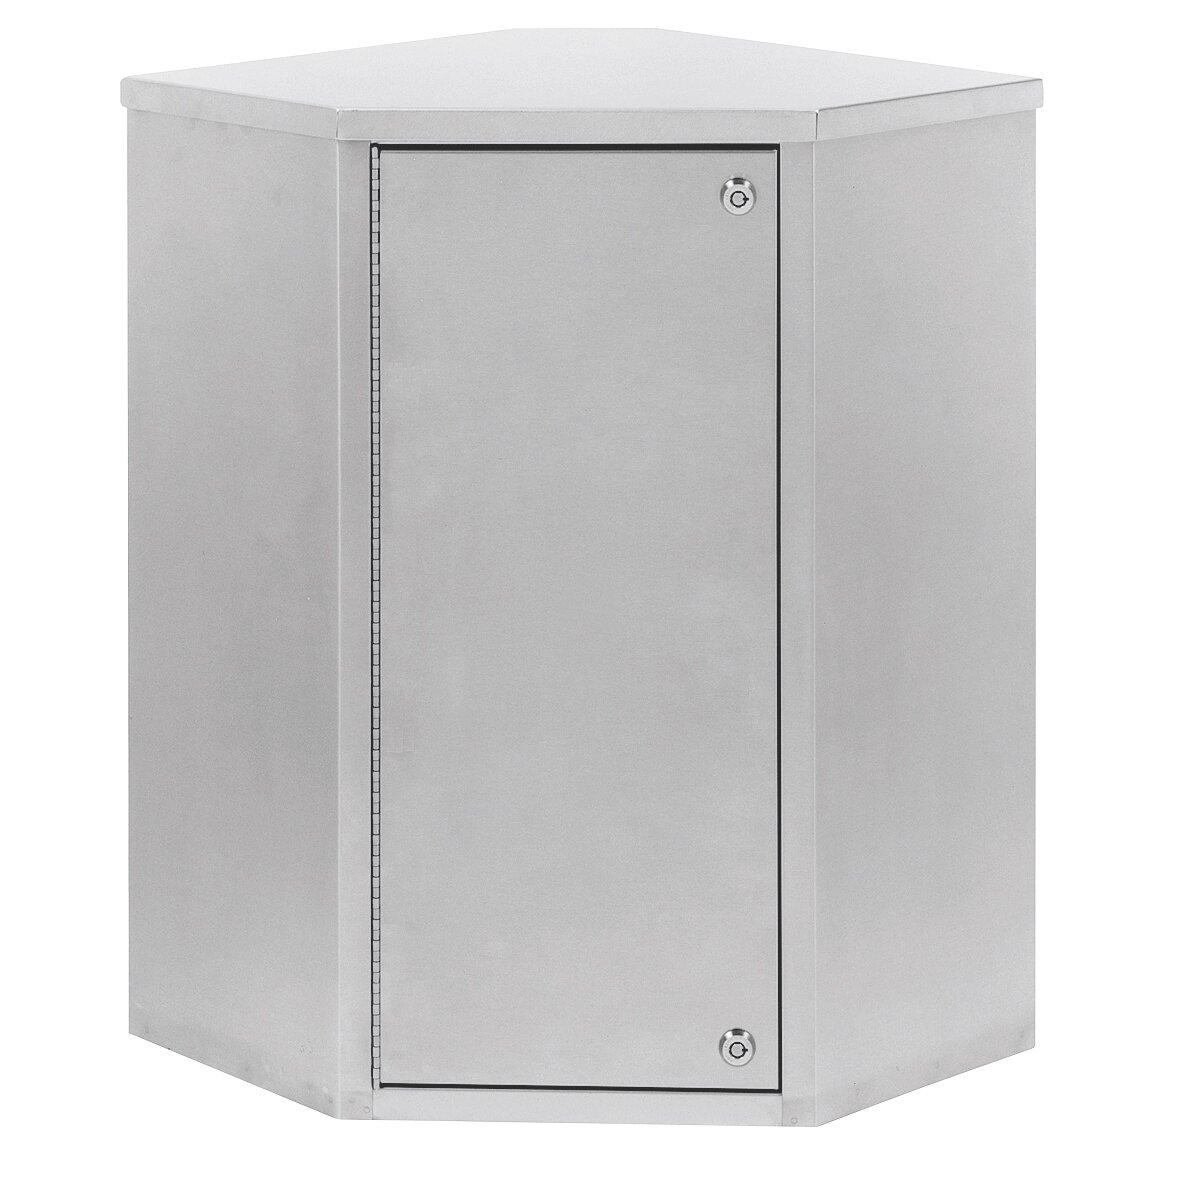 Omnimed 24 x 24 corner mount medicine cabinet Corner medicine cabinet